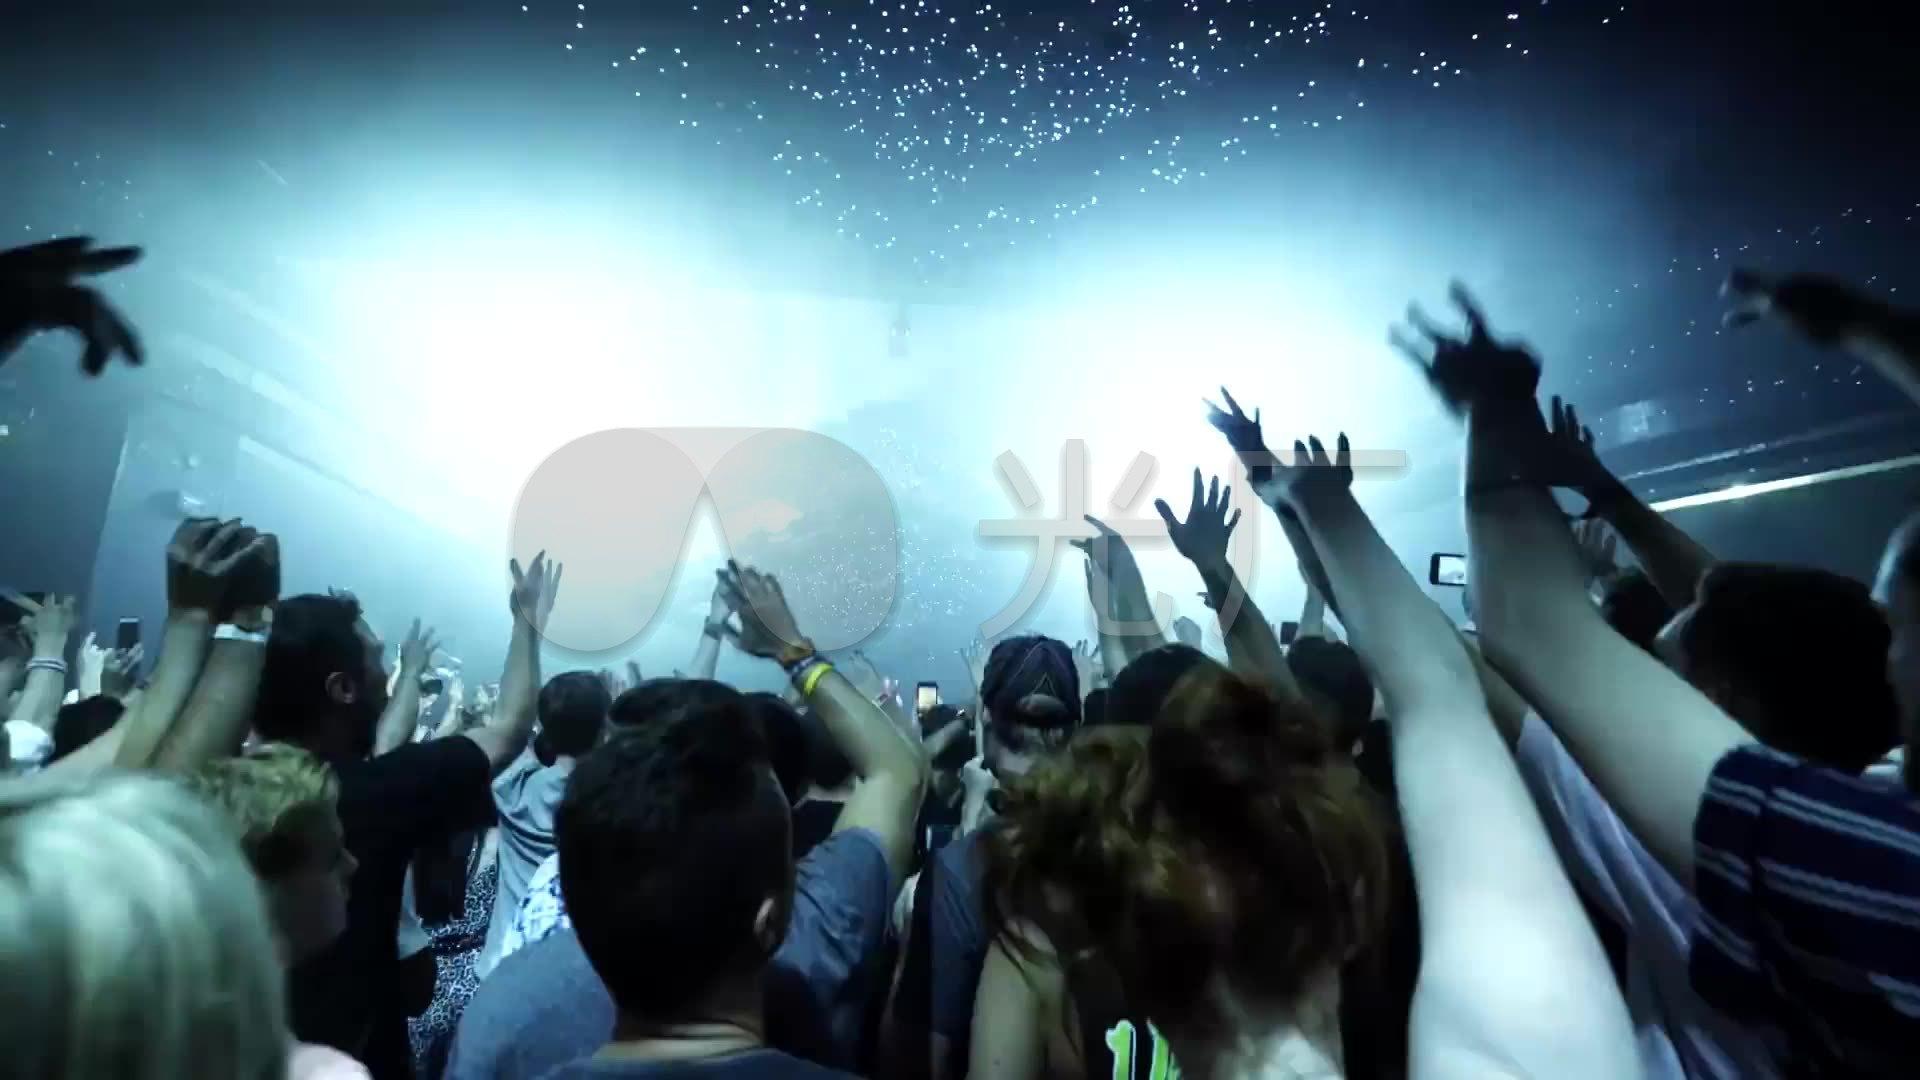 高档夜场夜店酒吧博微头像性感性感美女热舞派对1现场_192图片